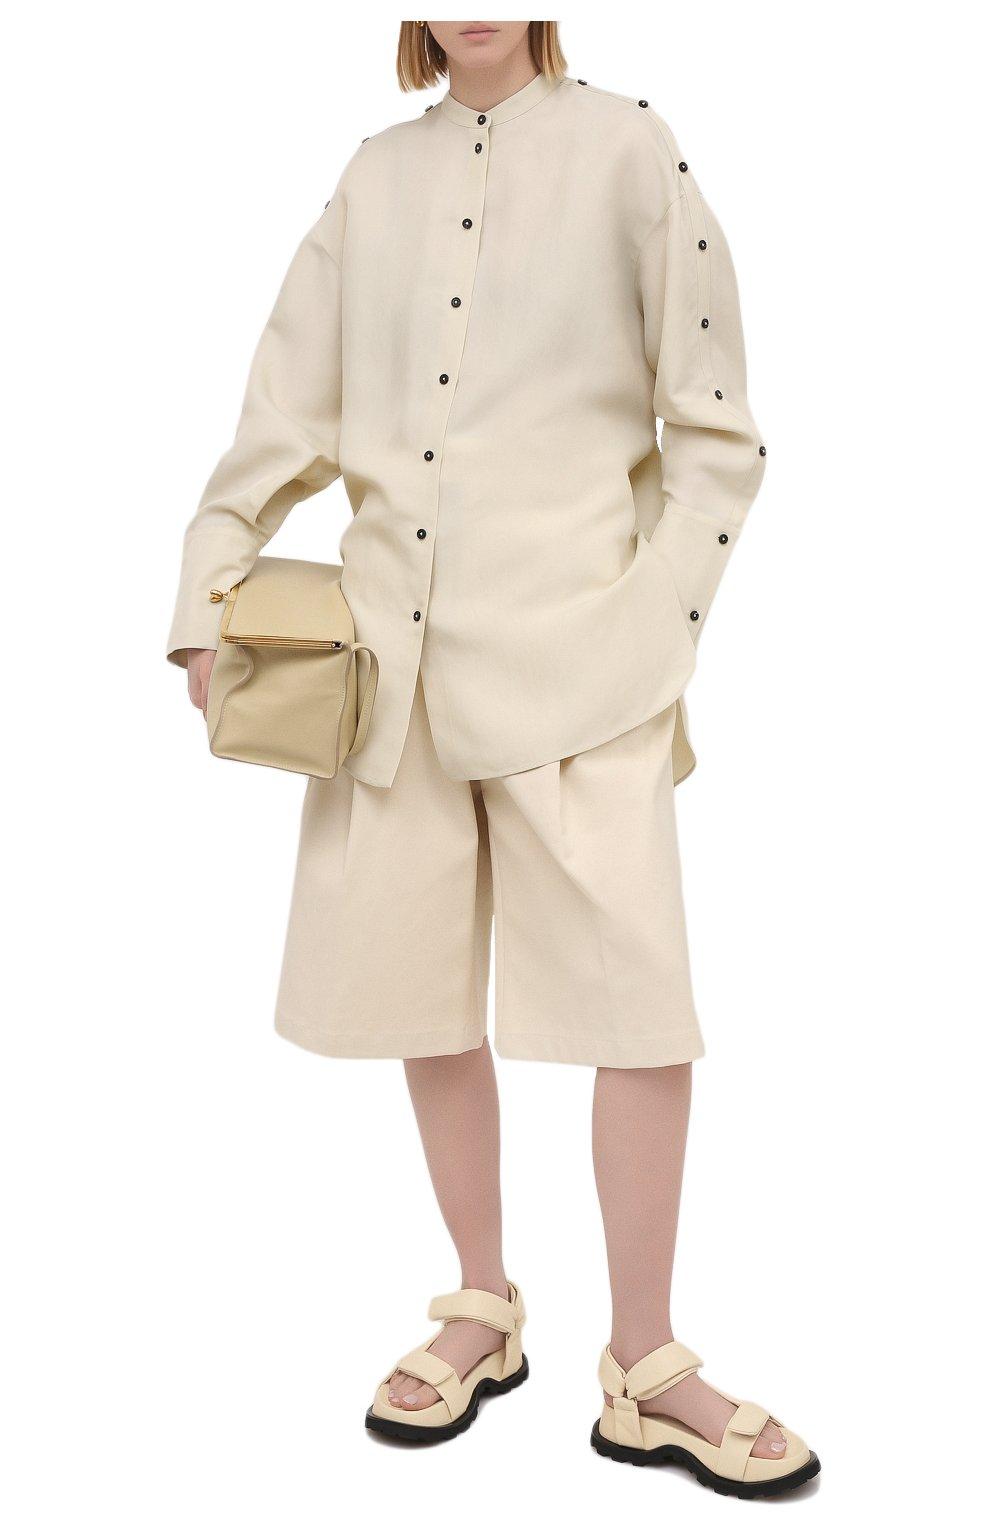 Женские хлопковые шорты BOTTEGA VENETA светло-бежевого цвета, арт. 651652/V0BS0   Фото 2 (Женское Кросс-КТ: Шорты-одежда; Кросс-КТ: Широкие; Материал внешний: Хлопок; Длина Ж (юбки, платья, шорты): До колена; Стили: Минимализм)